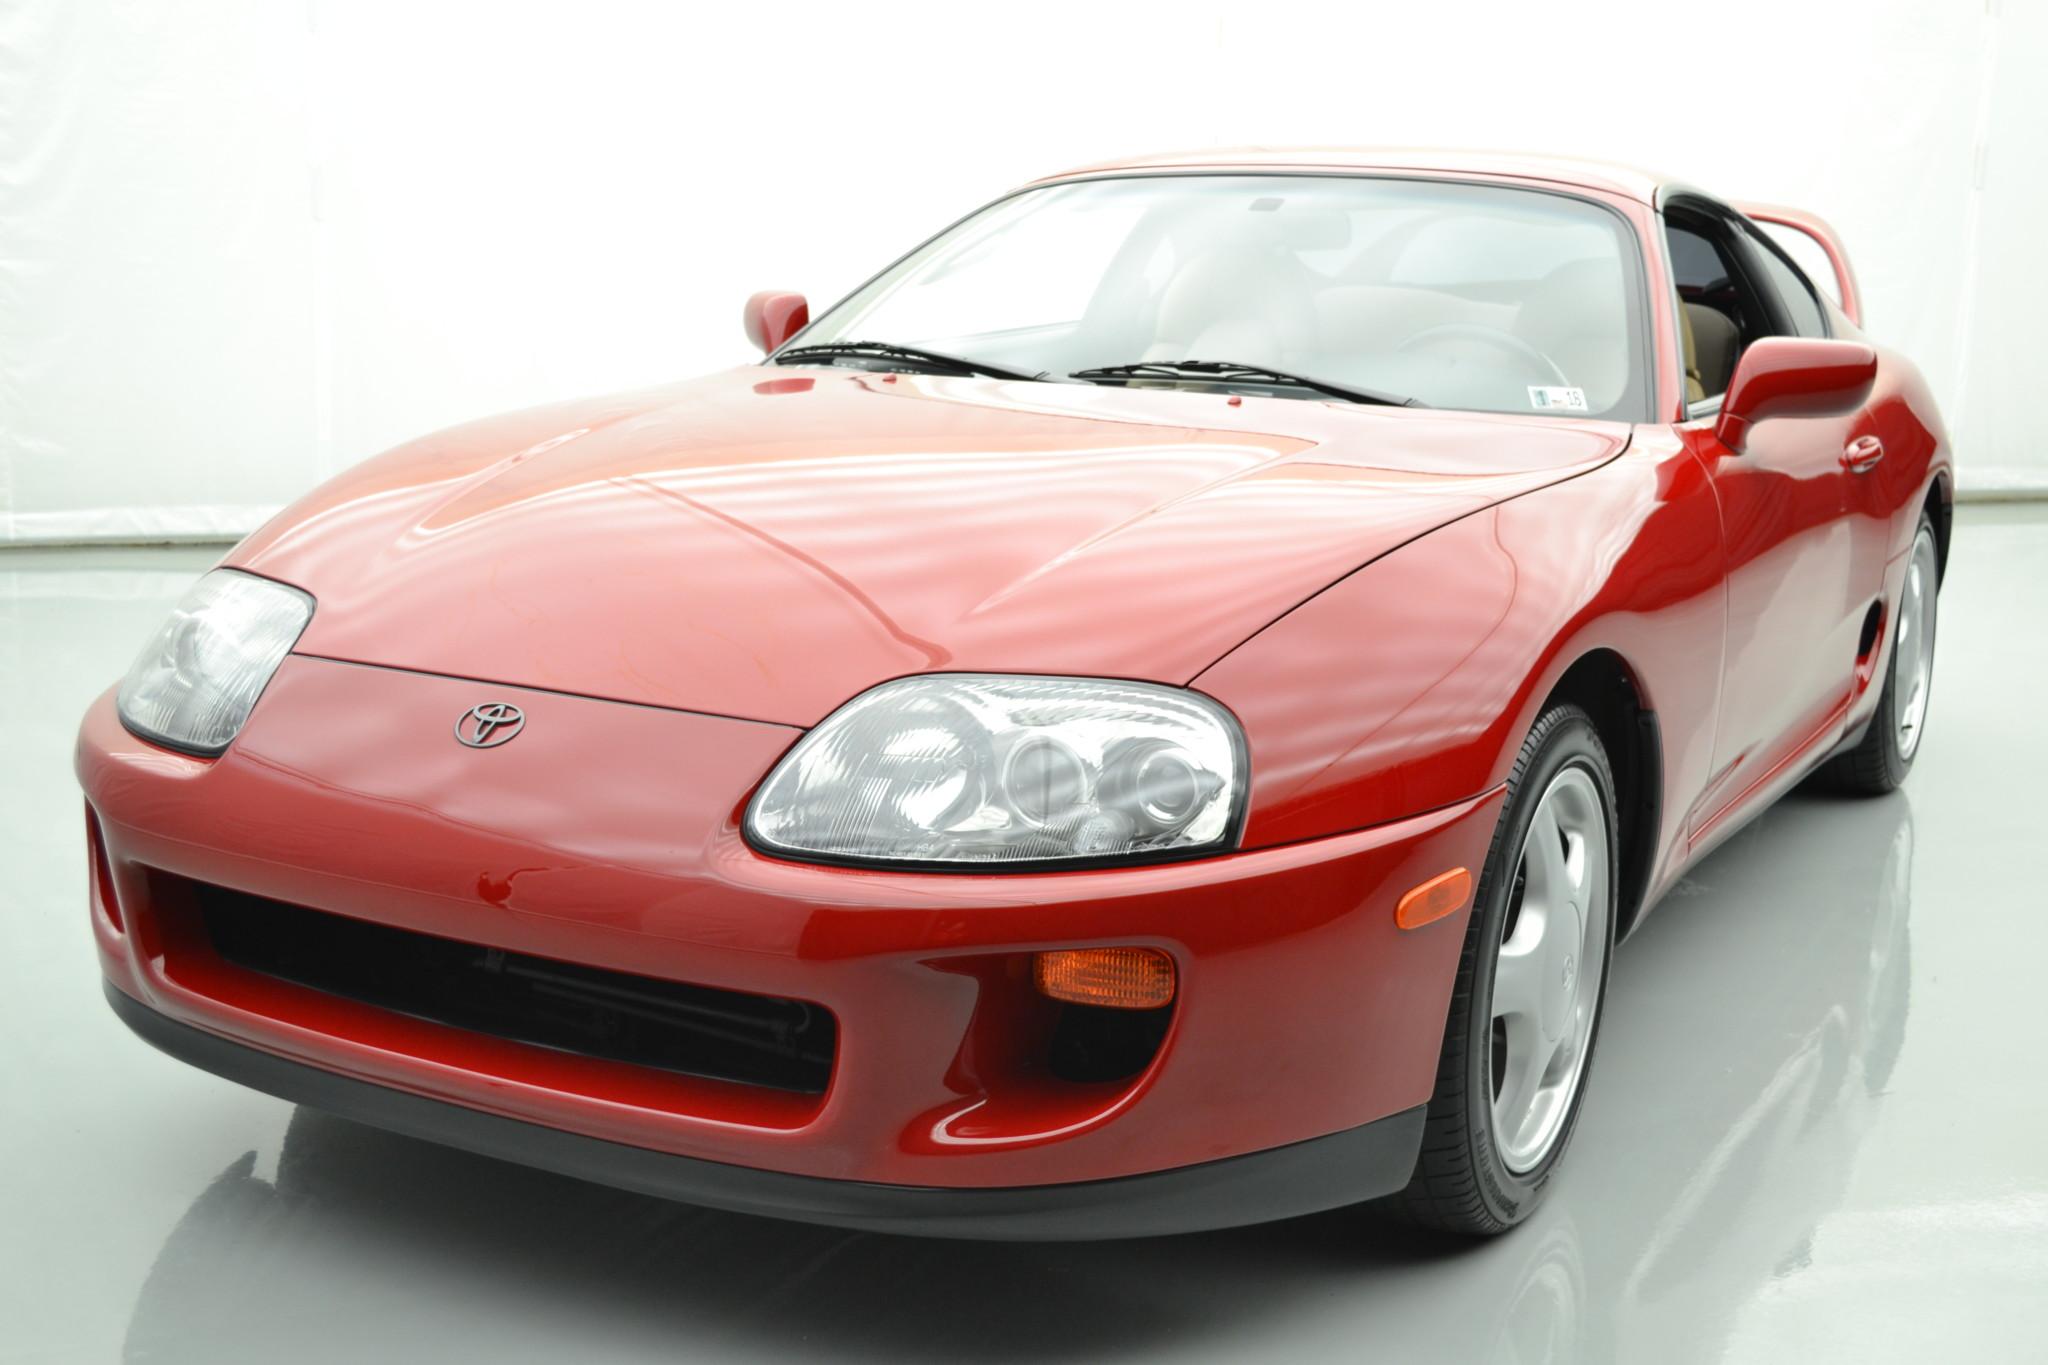 Kelebihan Kekurangan Toyota Supra 1999 Murah Berkualitas